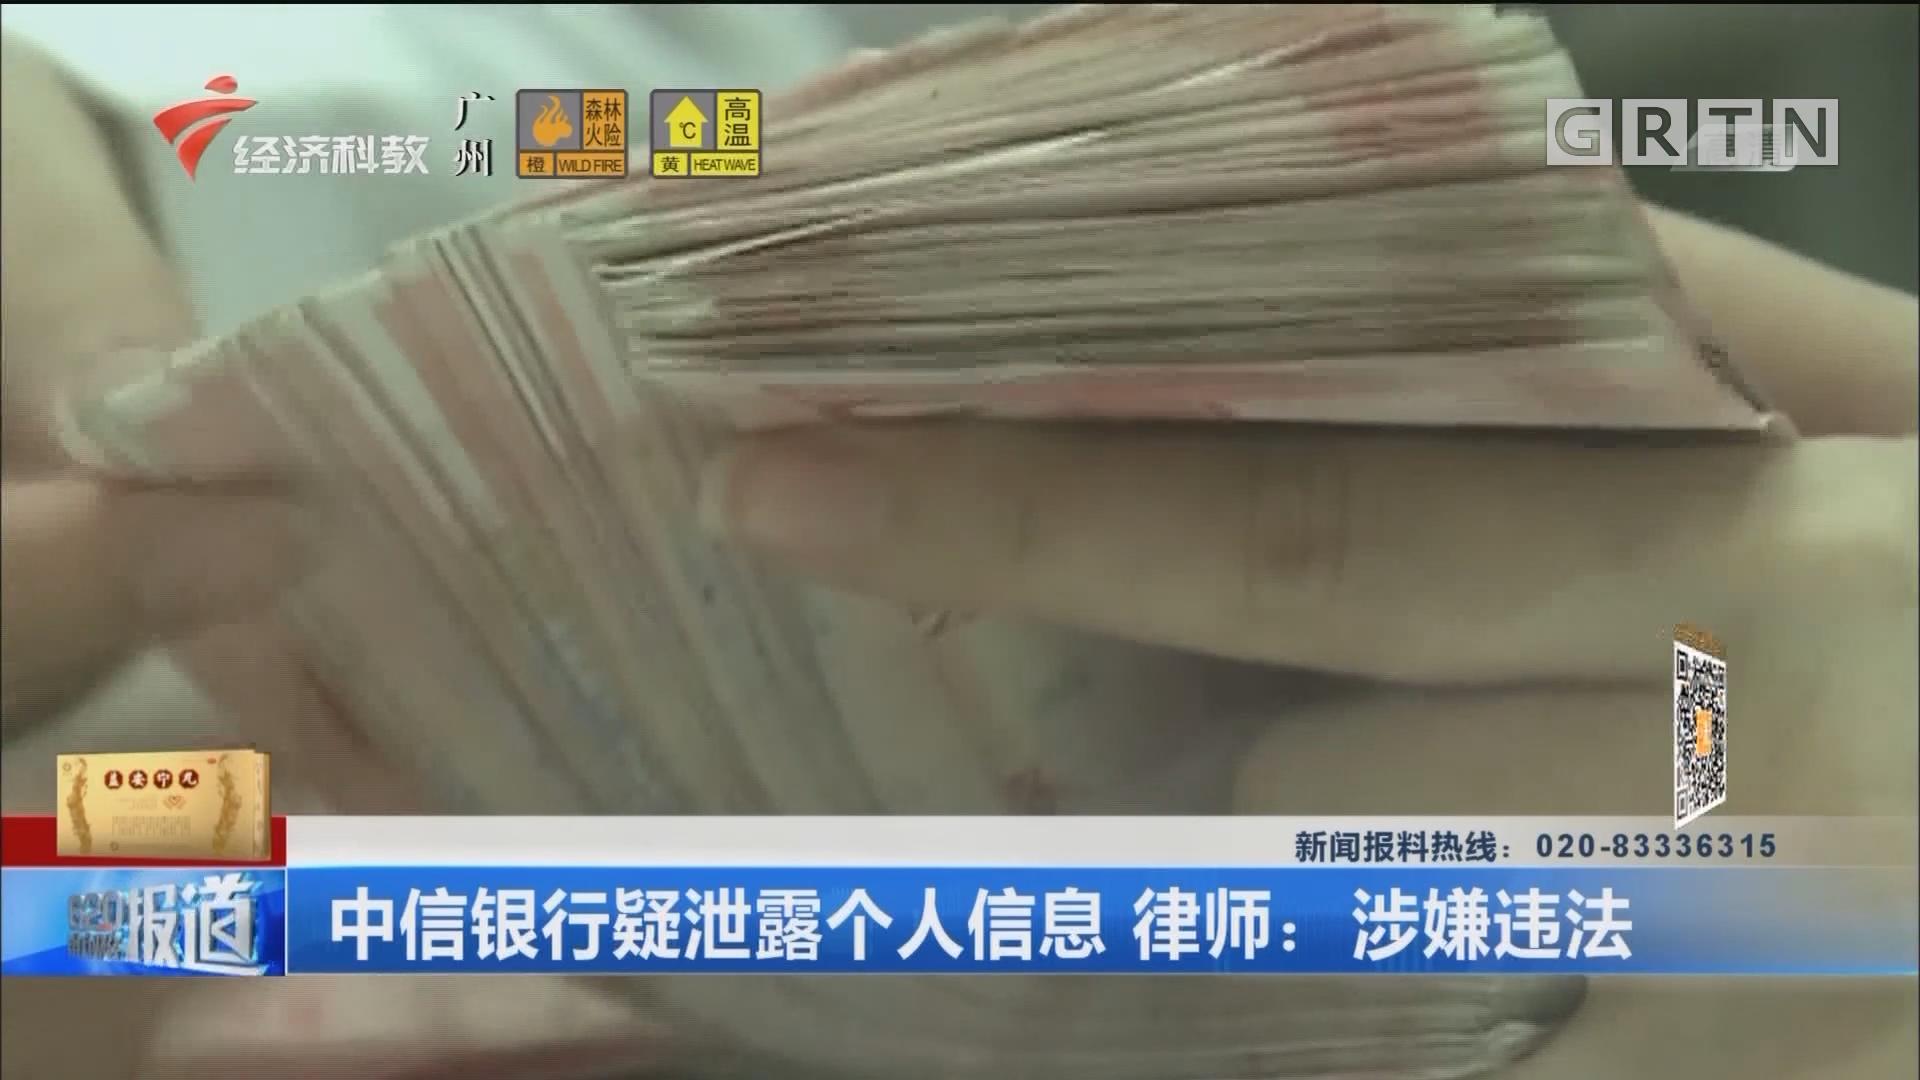 中信銀行疑泄露個人信息 律師:涉嫌違法